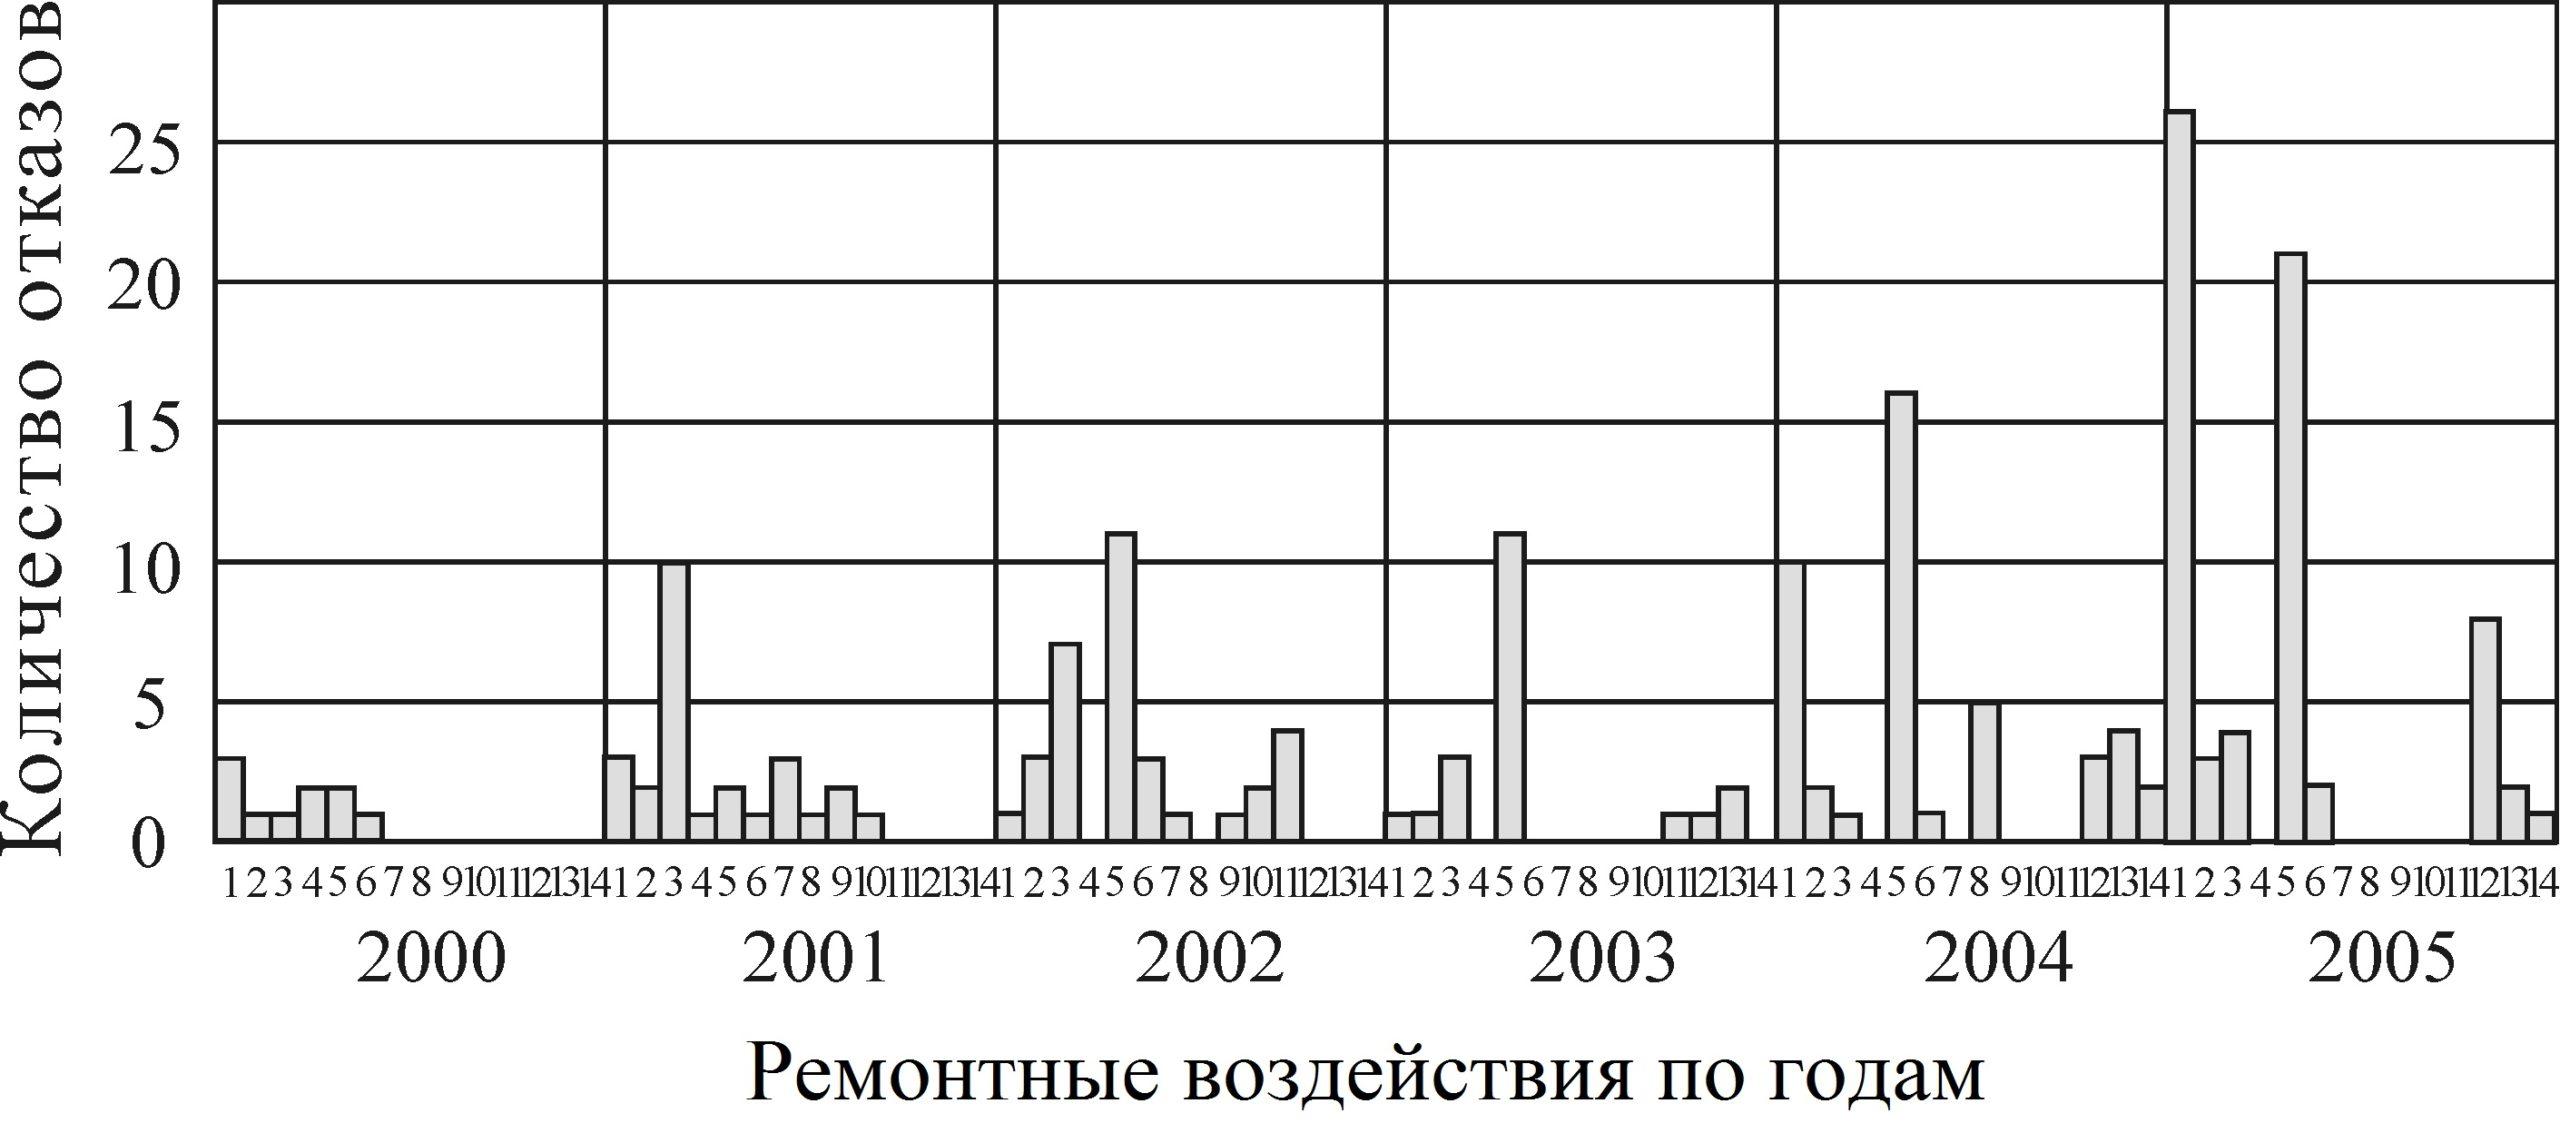 Рисунок 13 – Распределения общего количества отказов по узлам, деталям и видам ремонтных воздействий на гидропривод холодильника МНЛЗ